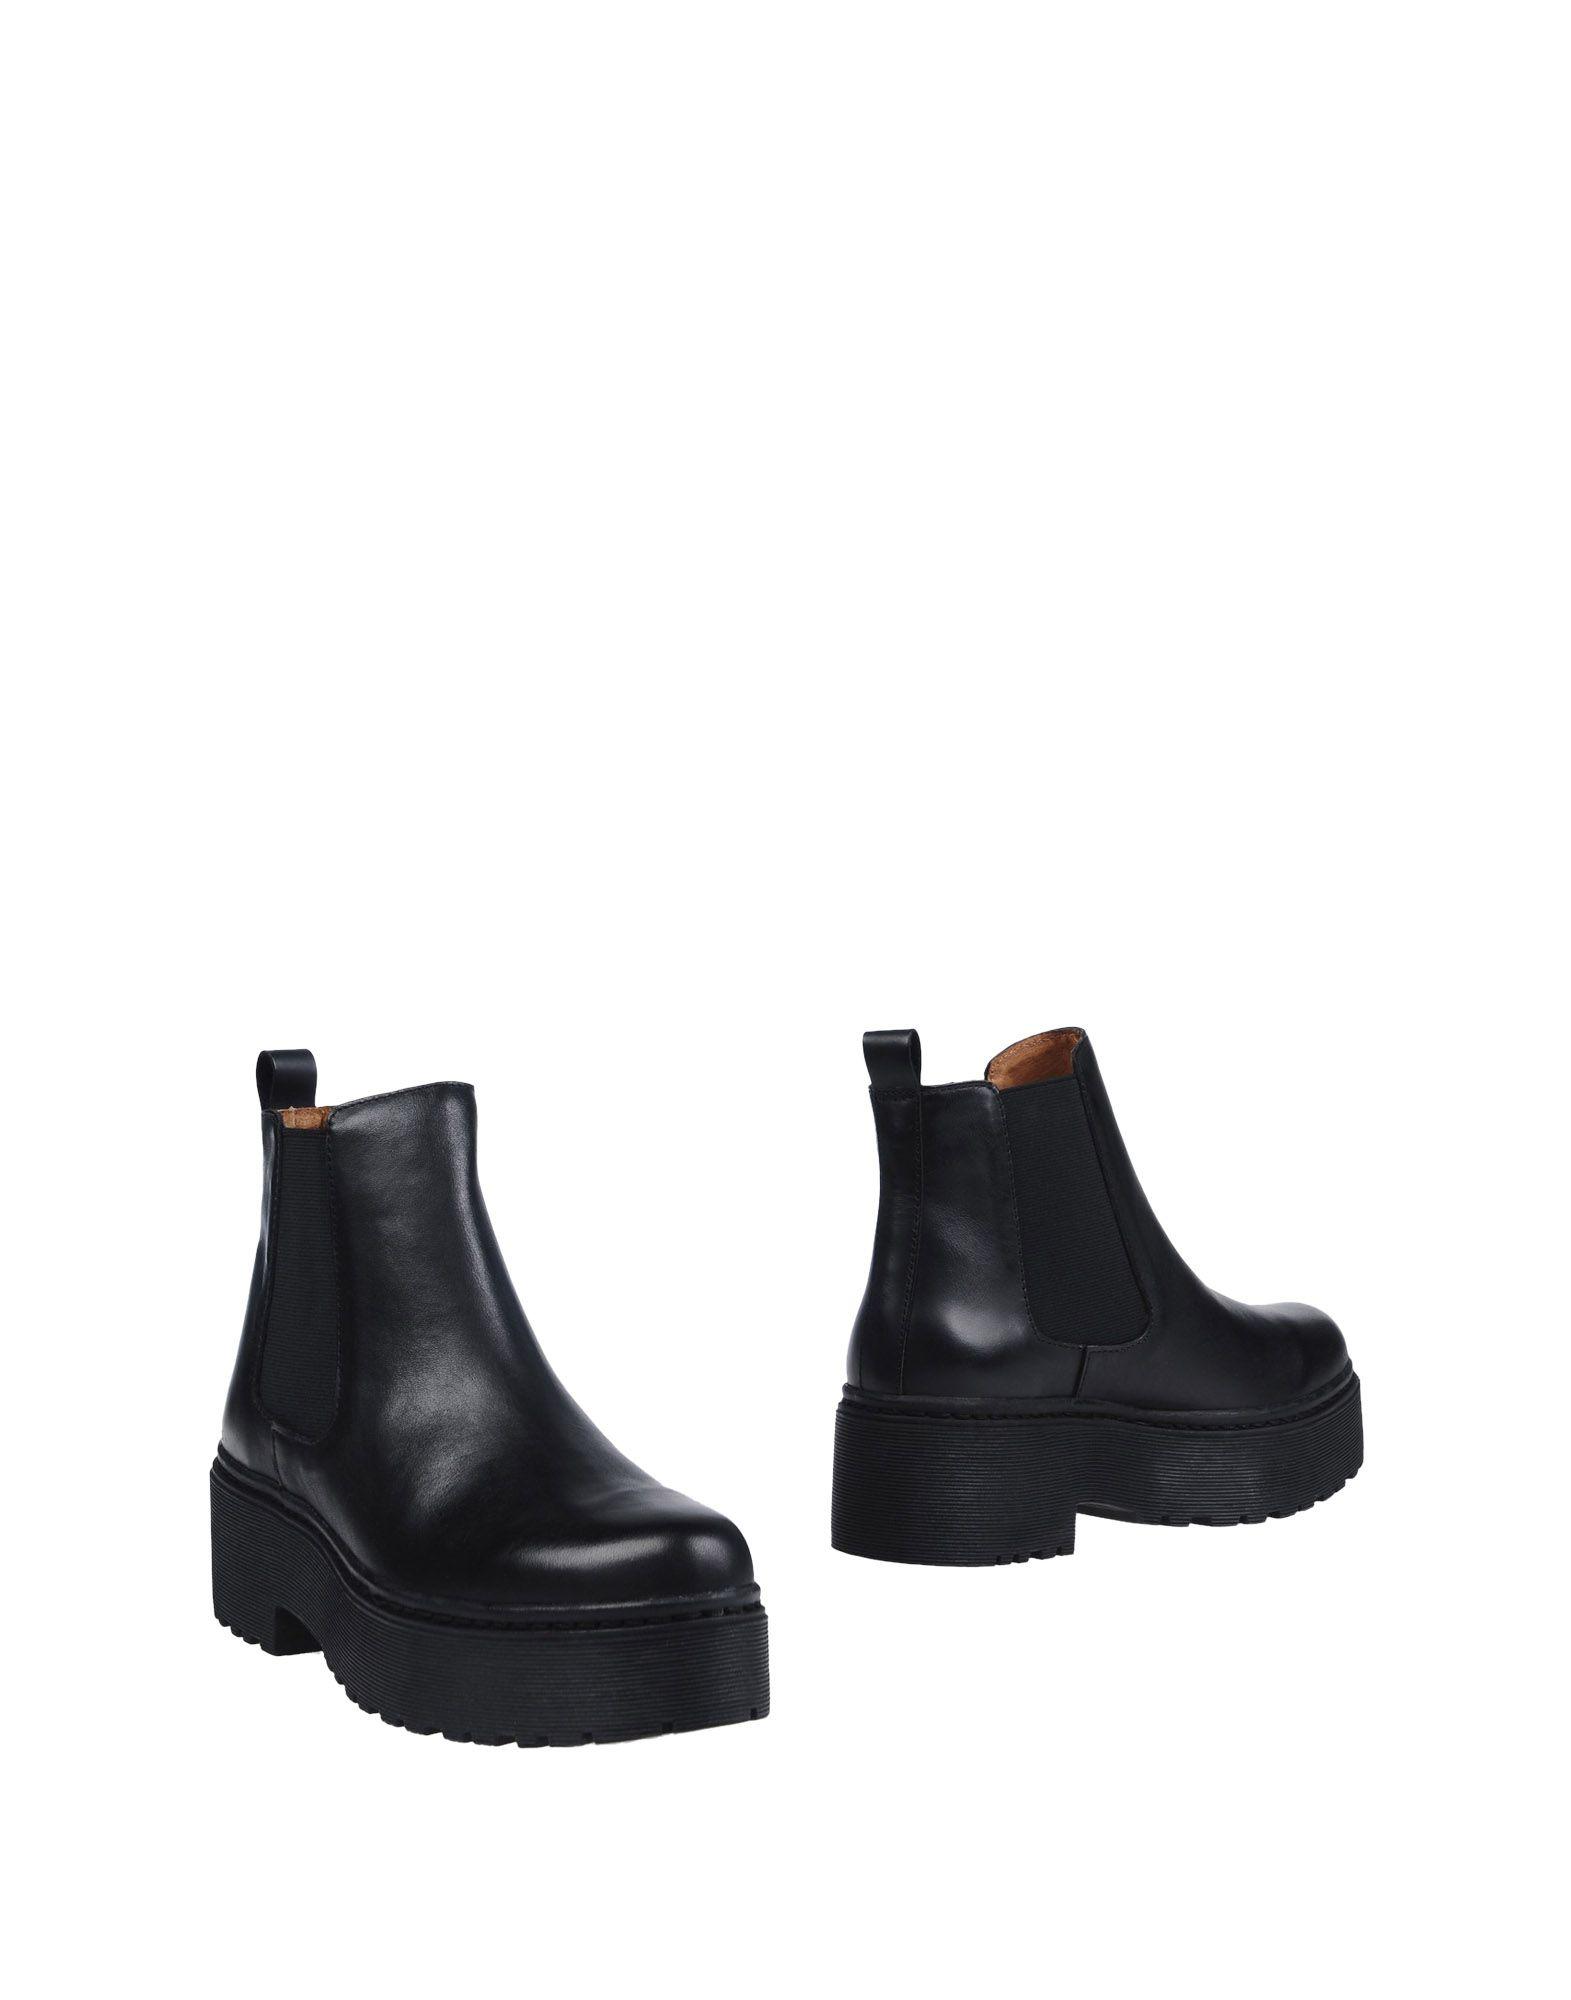 JEFFREY CAMPBELL Damen Stiefelette Farbe Schwarz Größe 11